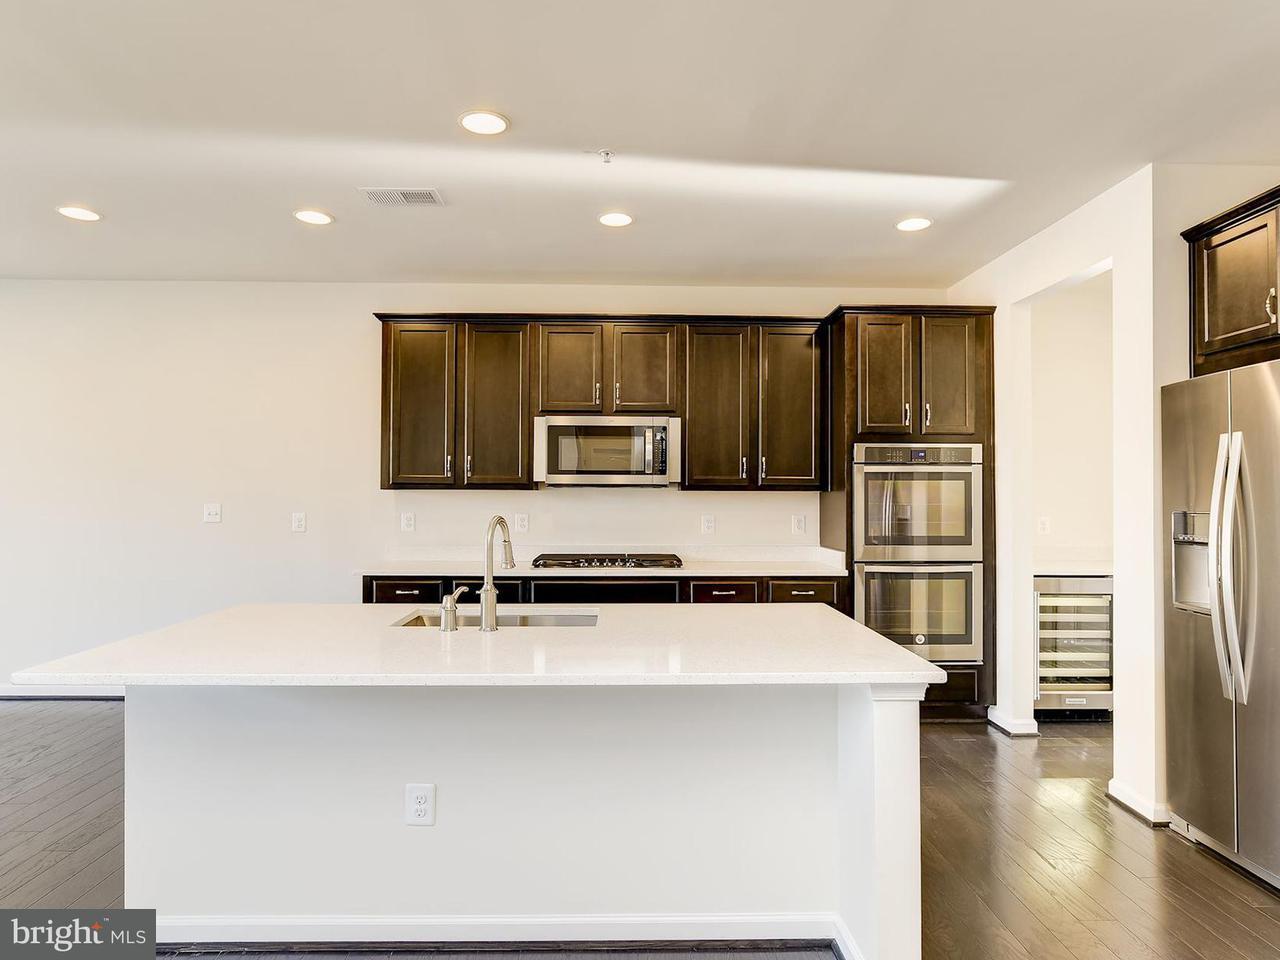 Частный односемейный дом для того Продажа на 2106 NOTTOWAY Drive 2106 NOTTOWAY Drive Hanover, Мэриленд 21076 Соединенные Штаты